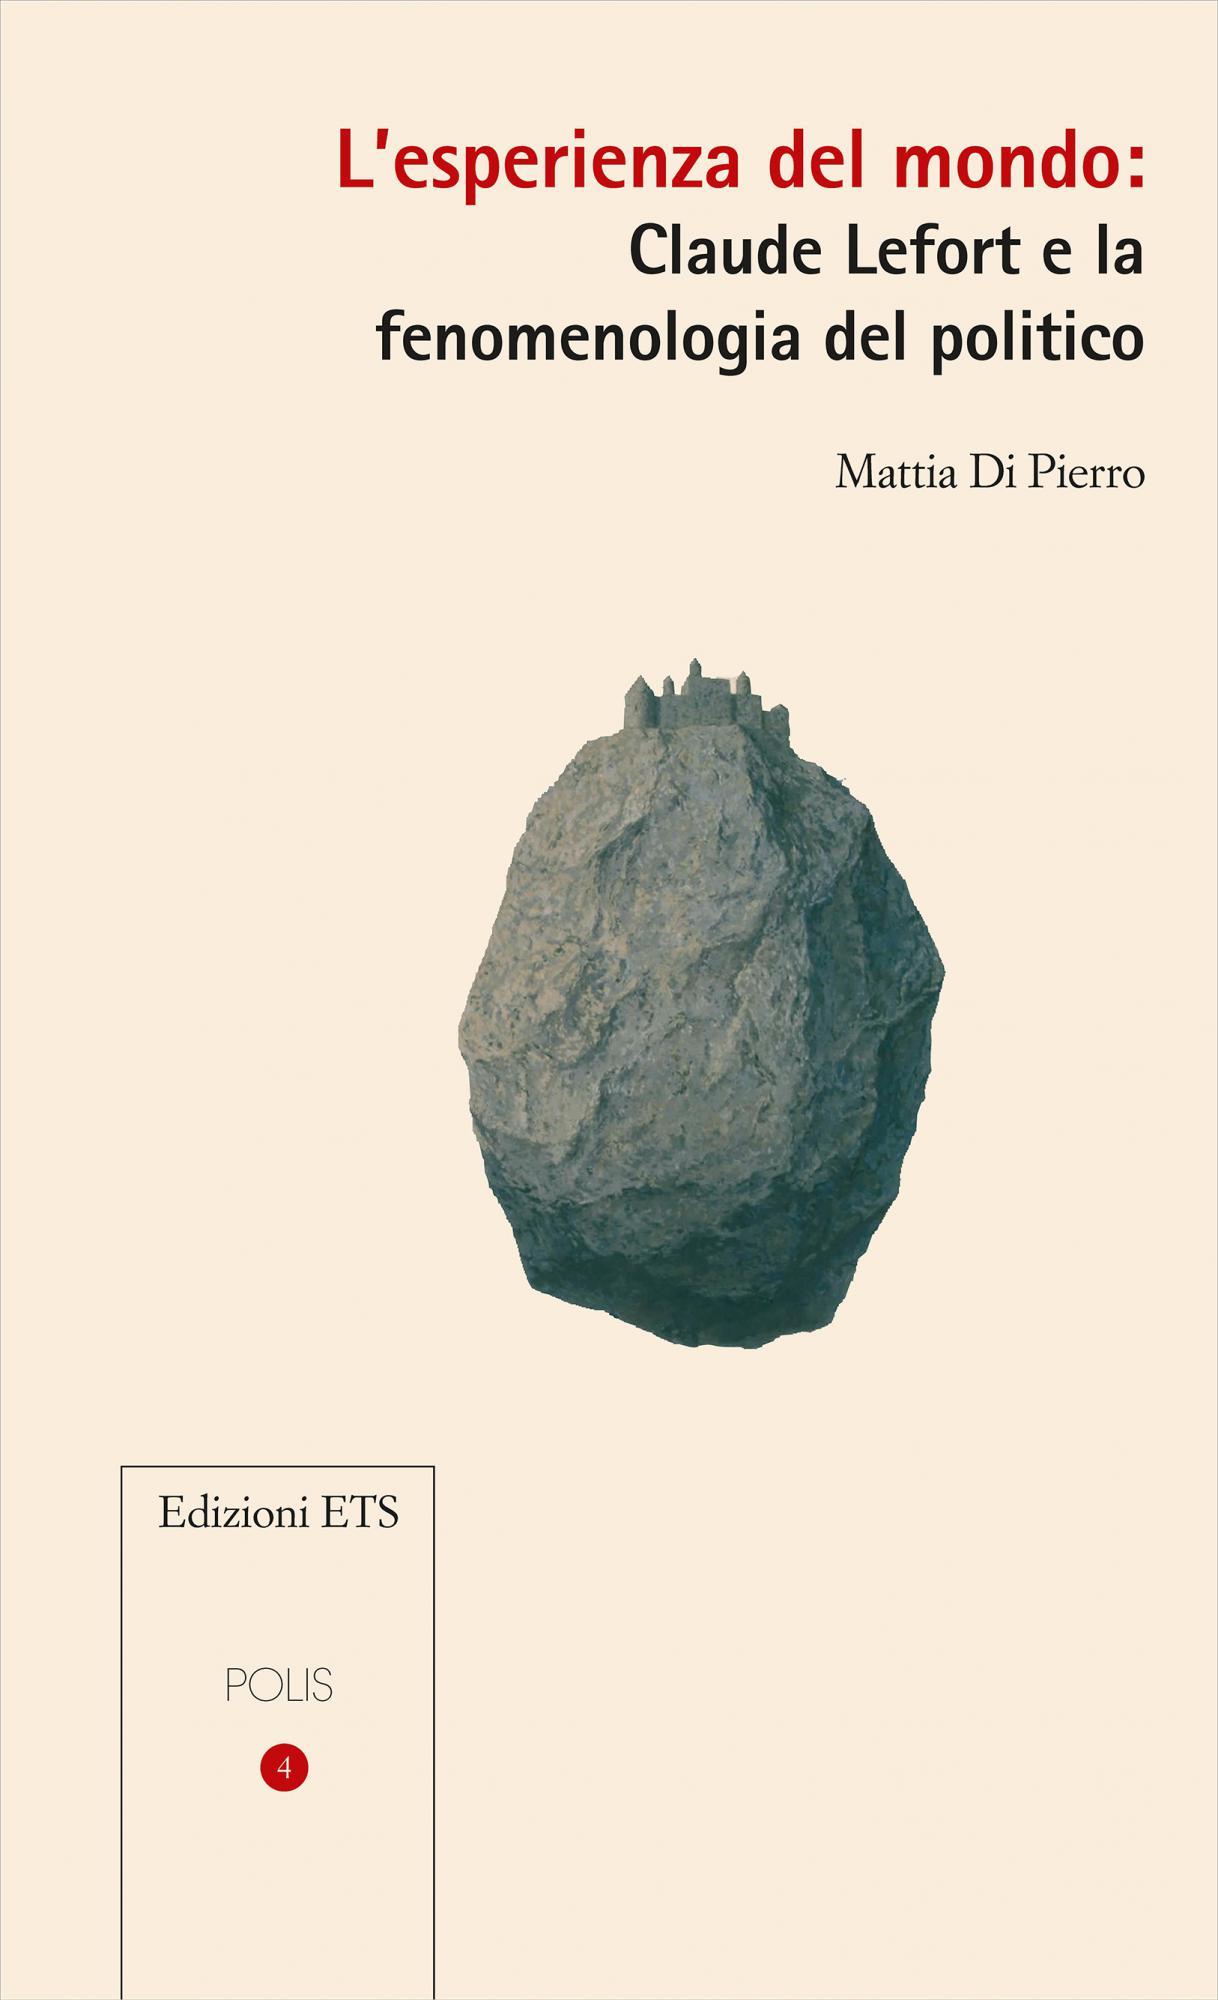 L'esperienza del mondo: Claude Lefort e la fenomenologia del politico